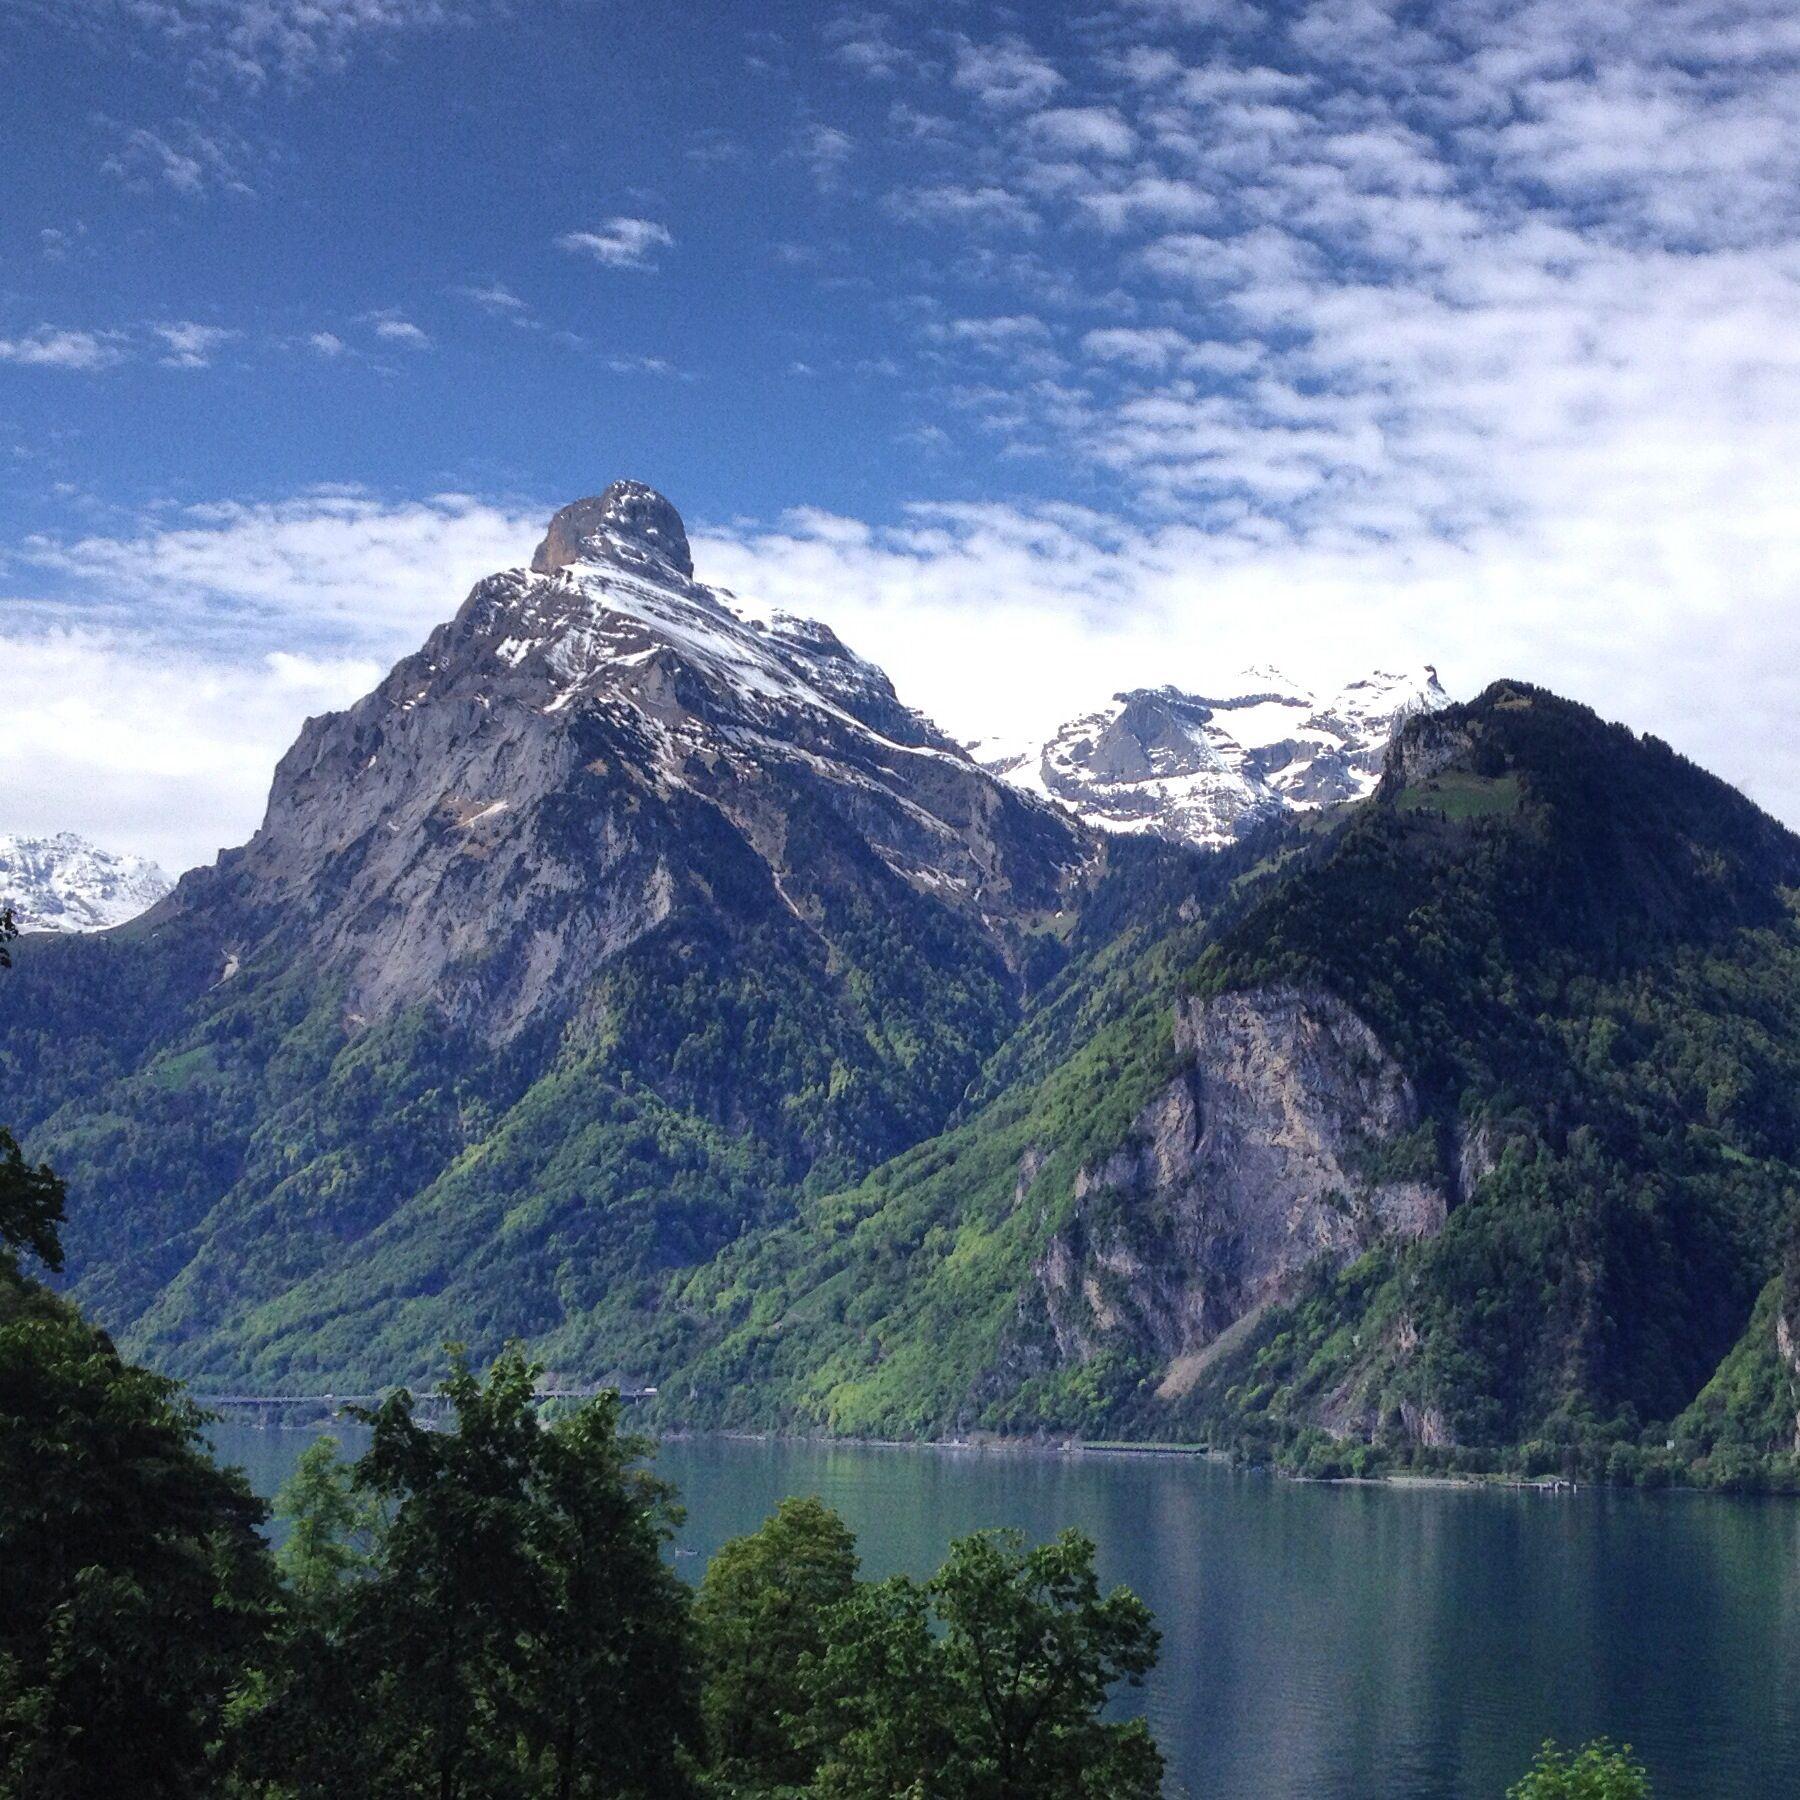 Tellsplatte in Switzerland, Mountain, landscape